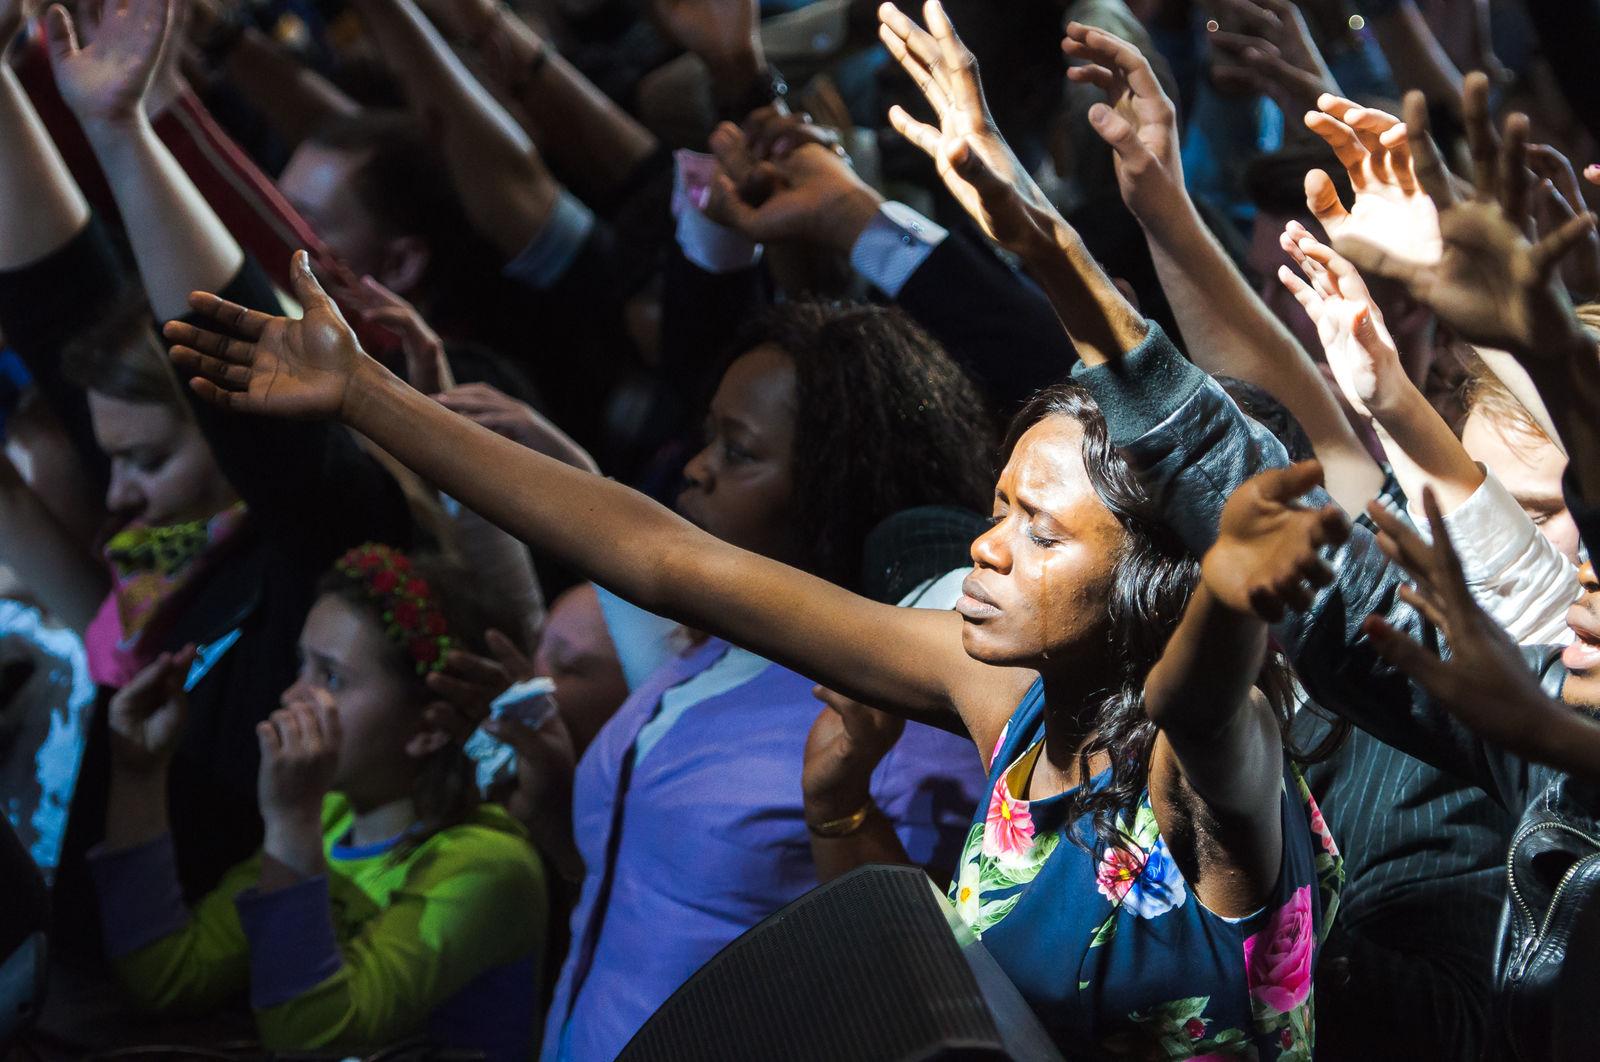 Бенни Хинн: «Принять Иисуса – значит доверять, подчиниться и отдать Ему всю свою жизнь!»